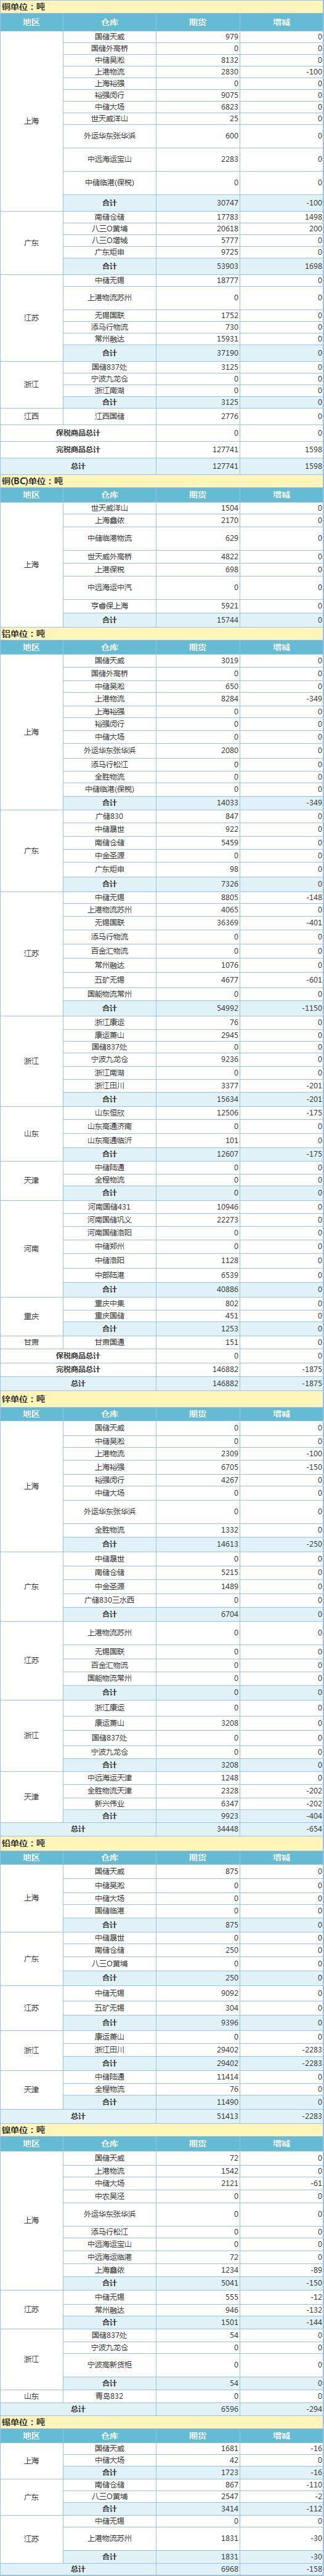 4月27日上海期 货交 易所金属库存日报